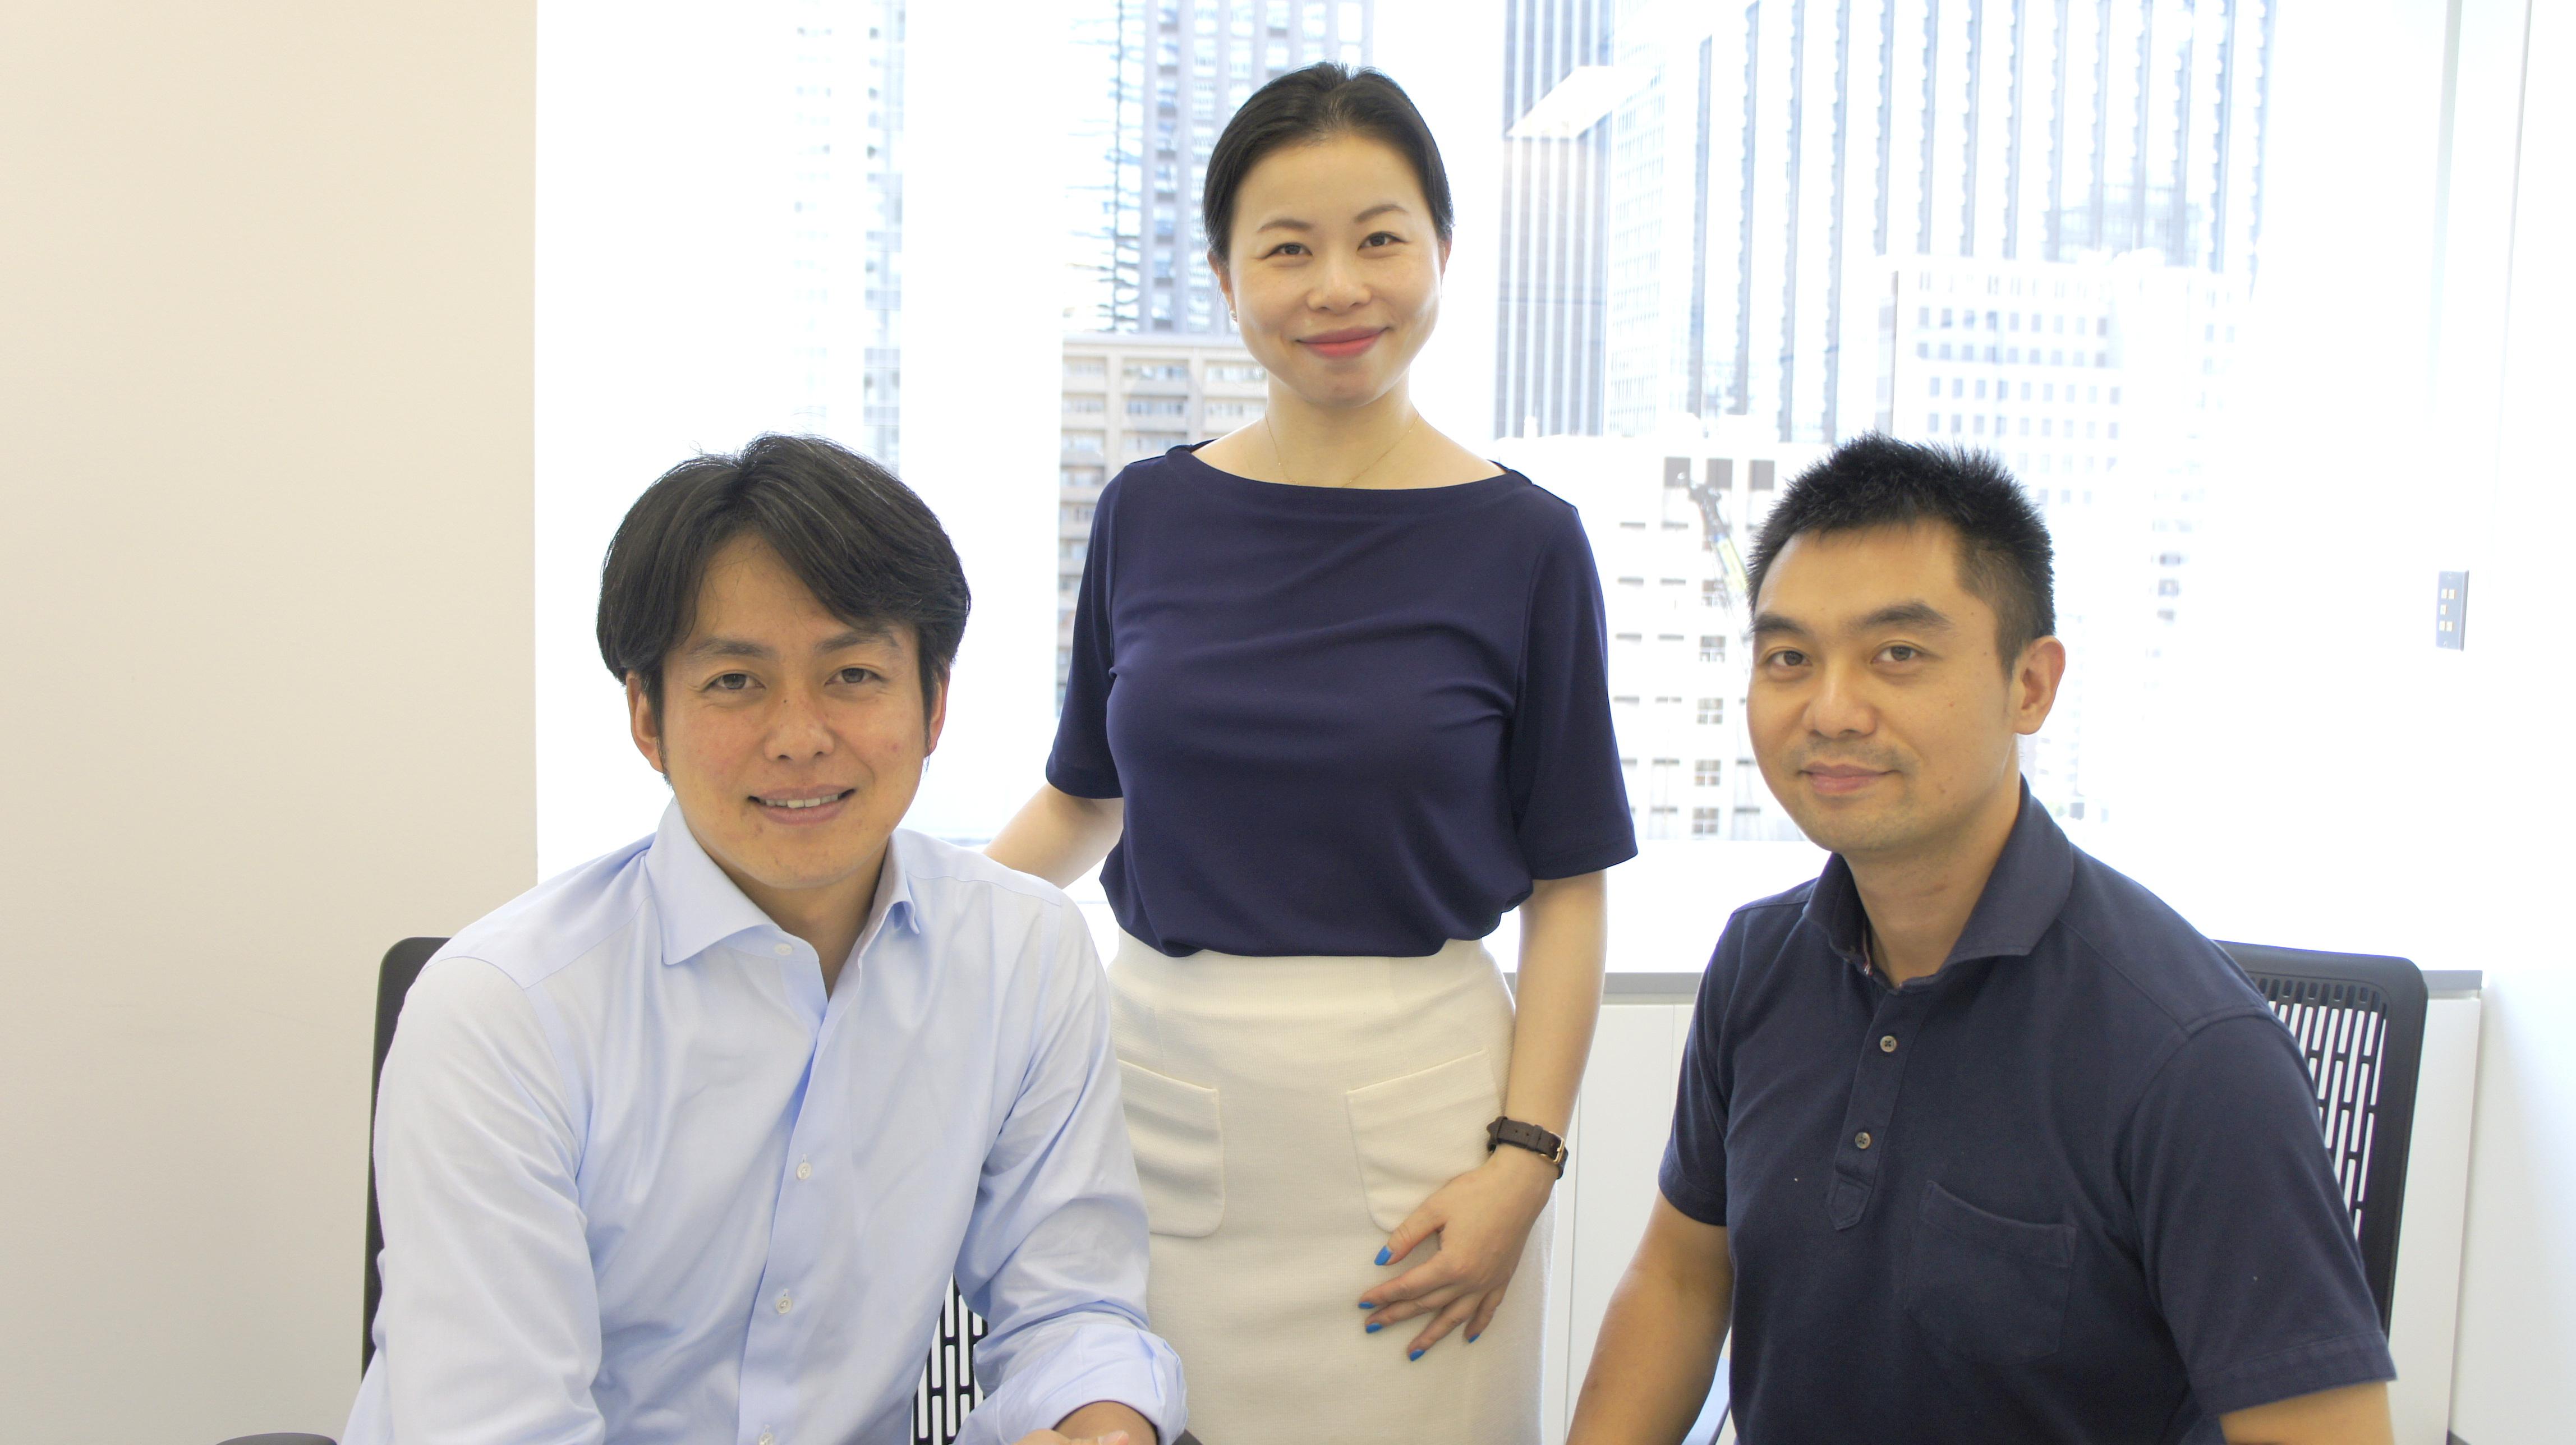 (左から)中西氏、キングソフト取締役社長の馮、何氏